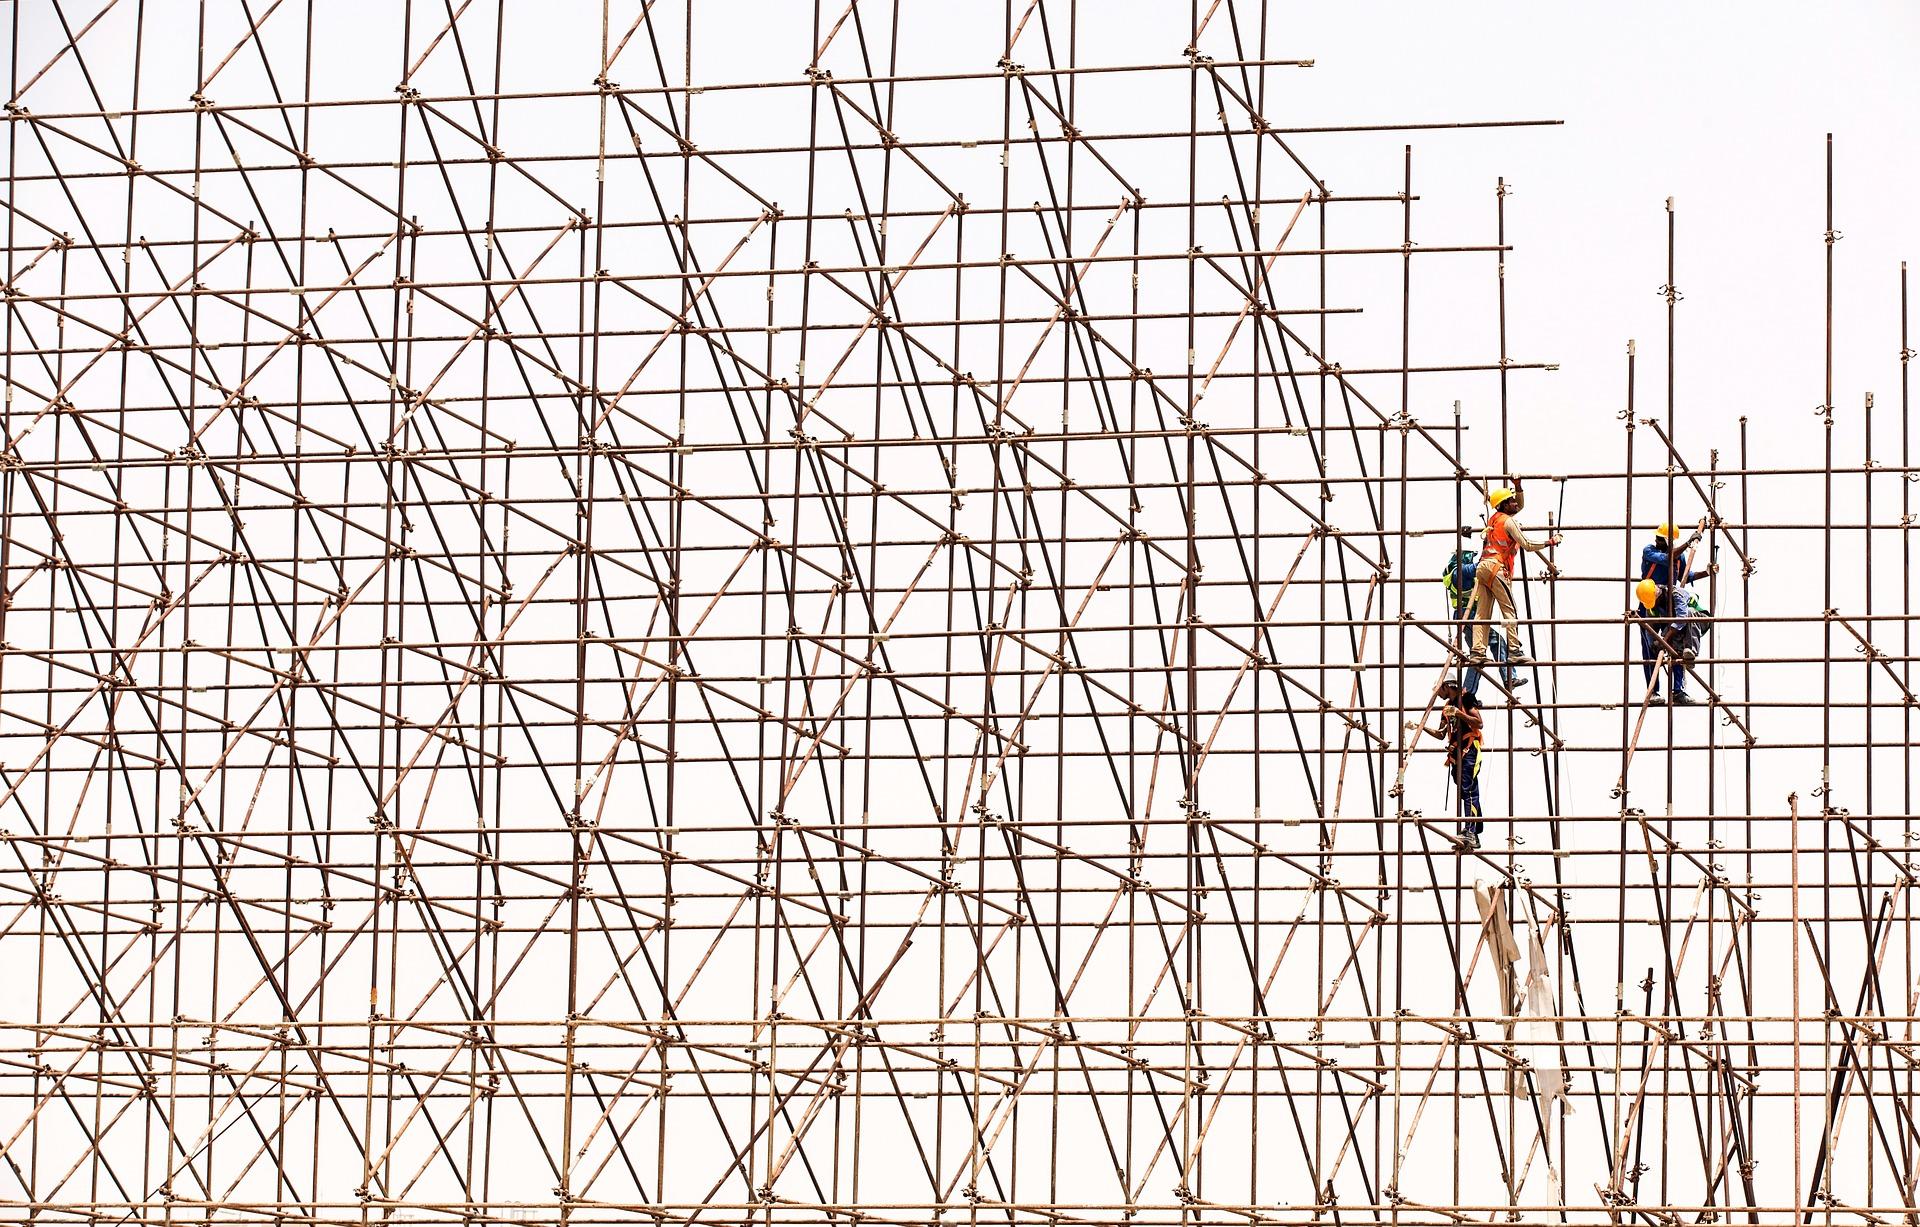 scaffolding-1617969_1920